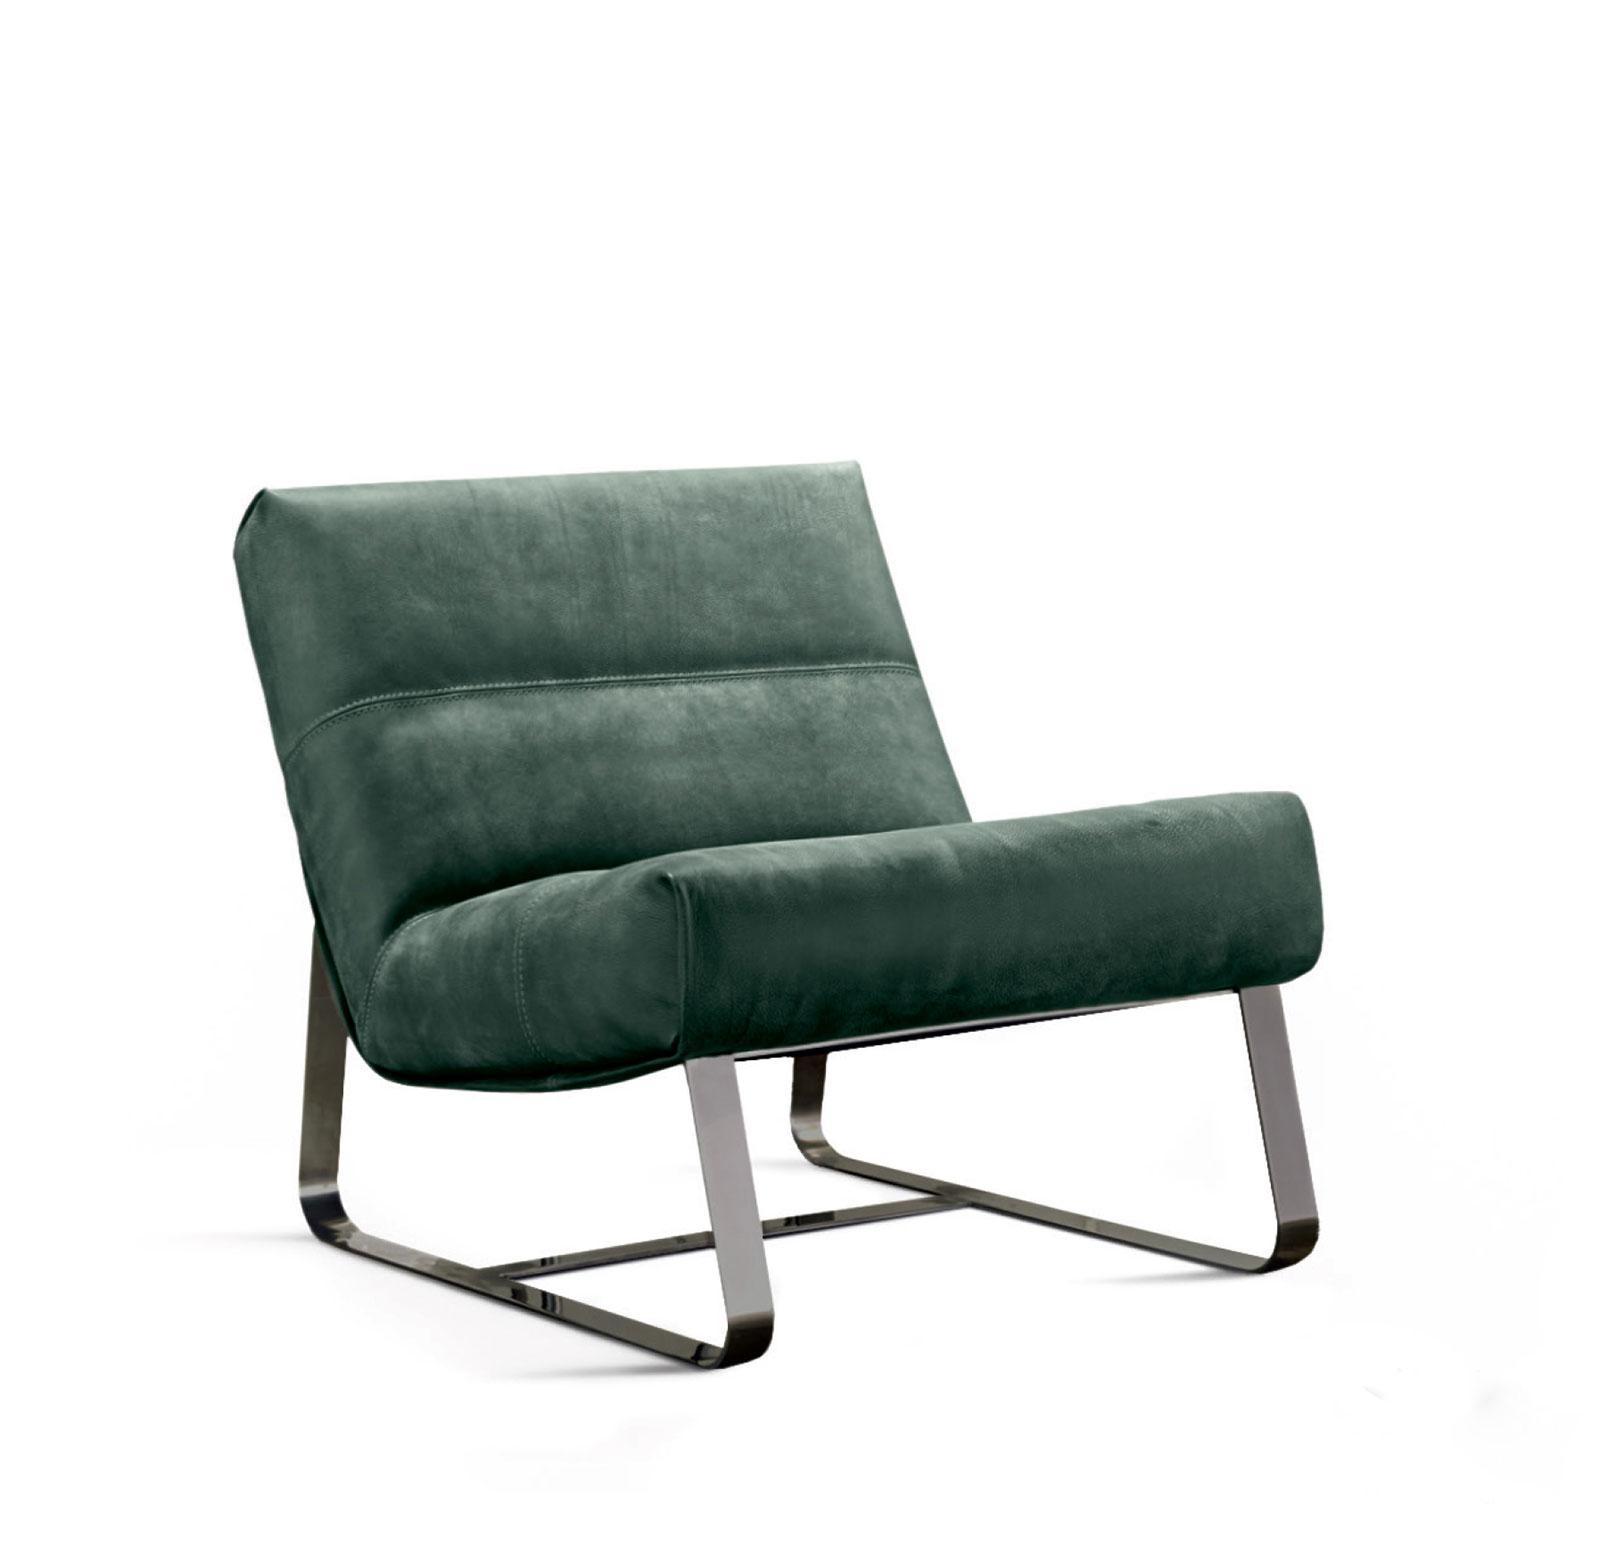 Fauteuil relax en cuir. Vente en ligne de fauteuils et ameublement haut de gamme made in italy avec livraison gratuite. Achetez nos meubles design.